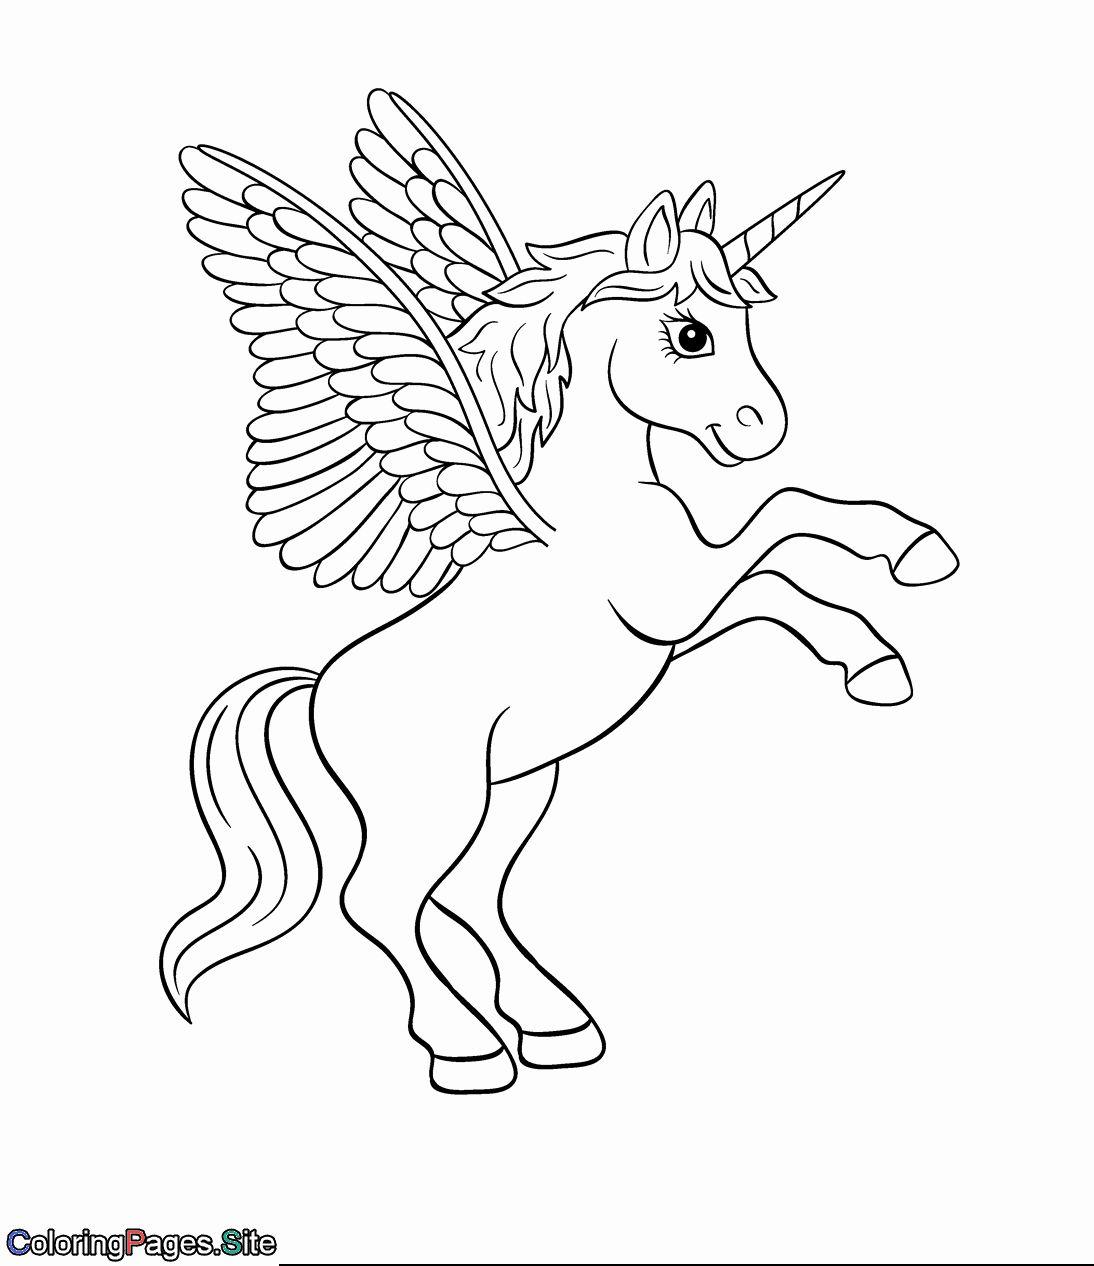 Pegasus Malvorlagen Zum Ausmalen - tiffanylovesbooks